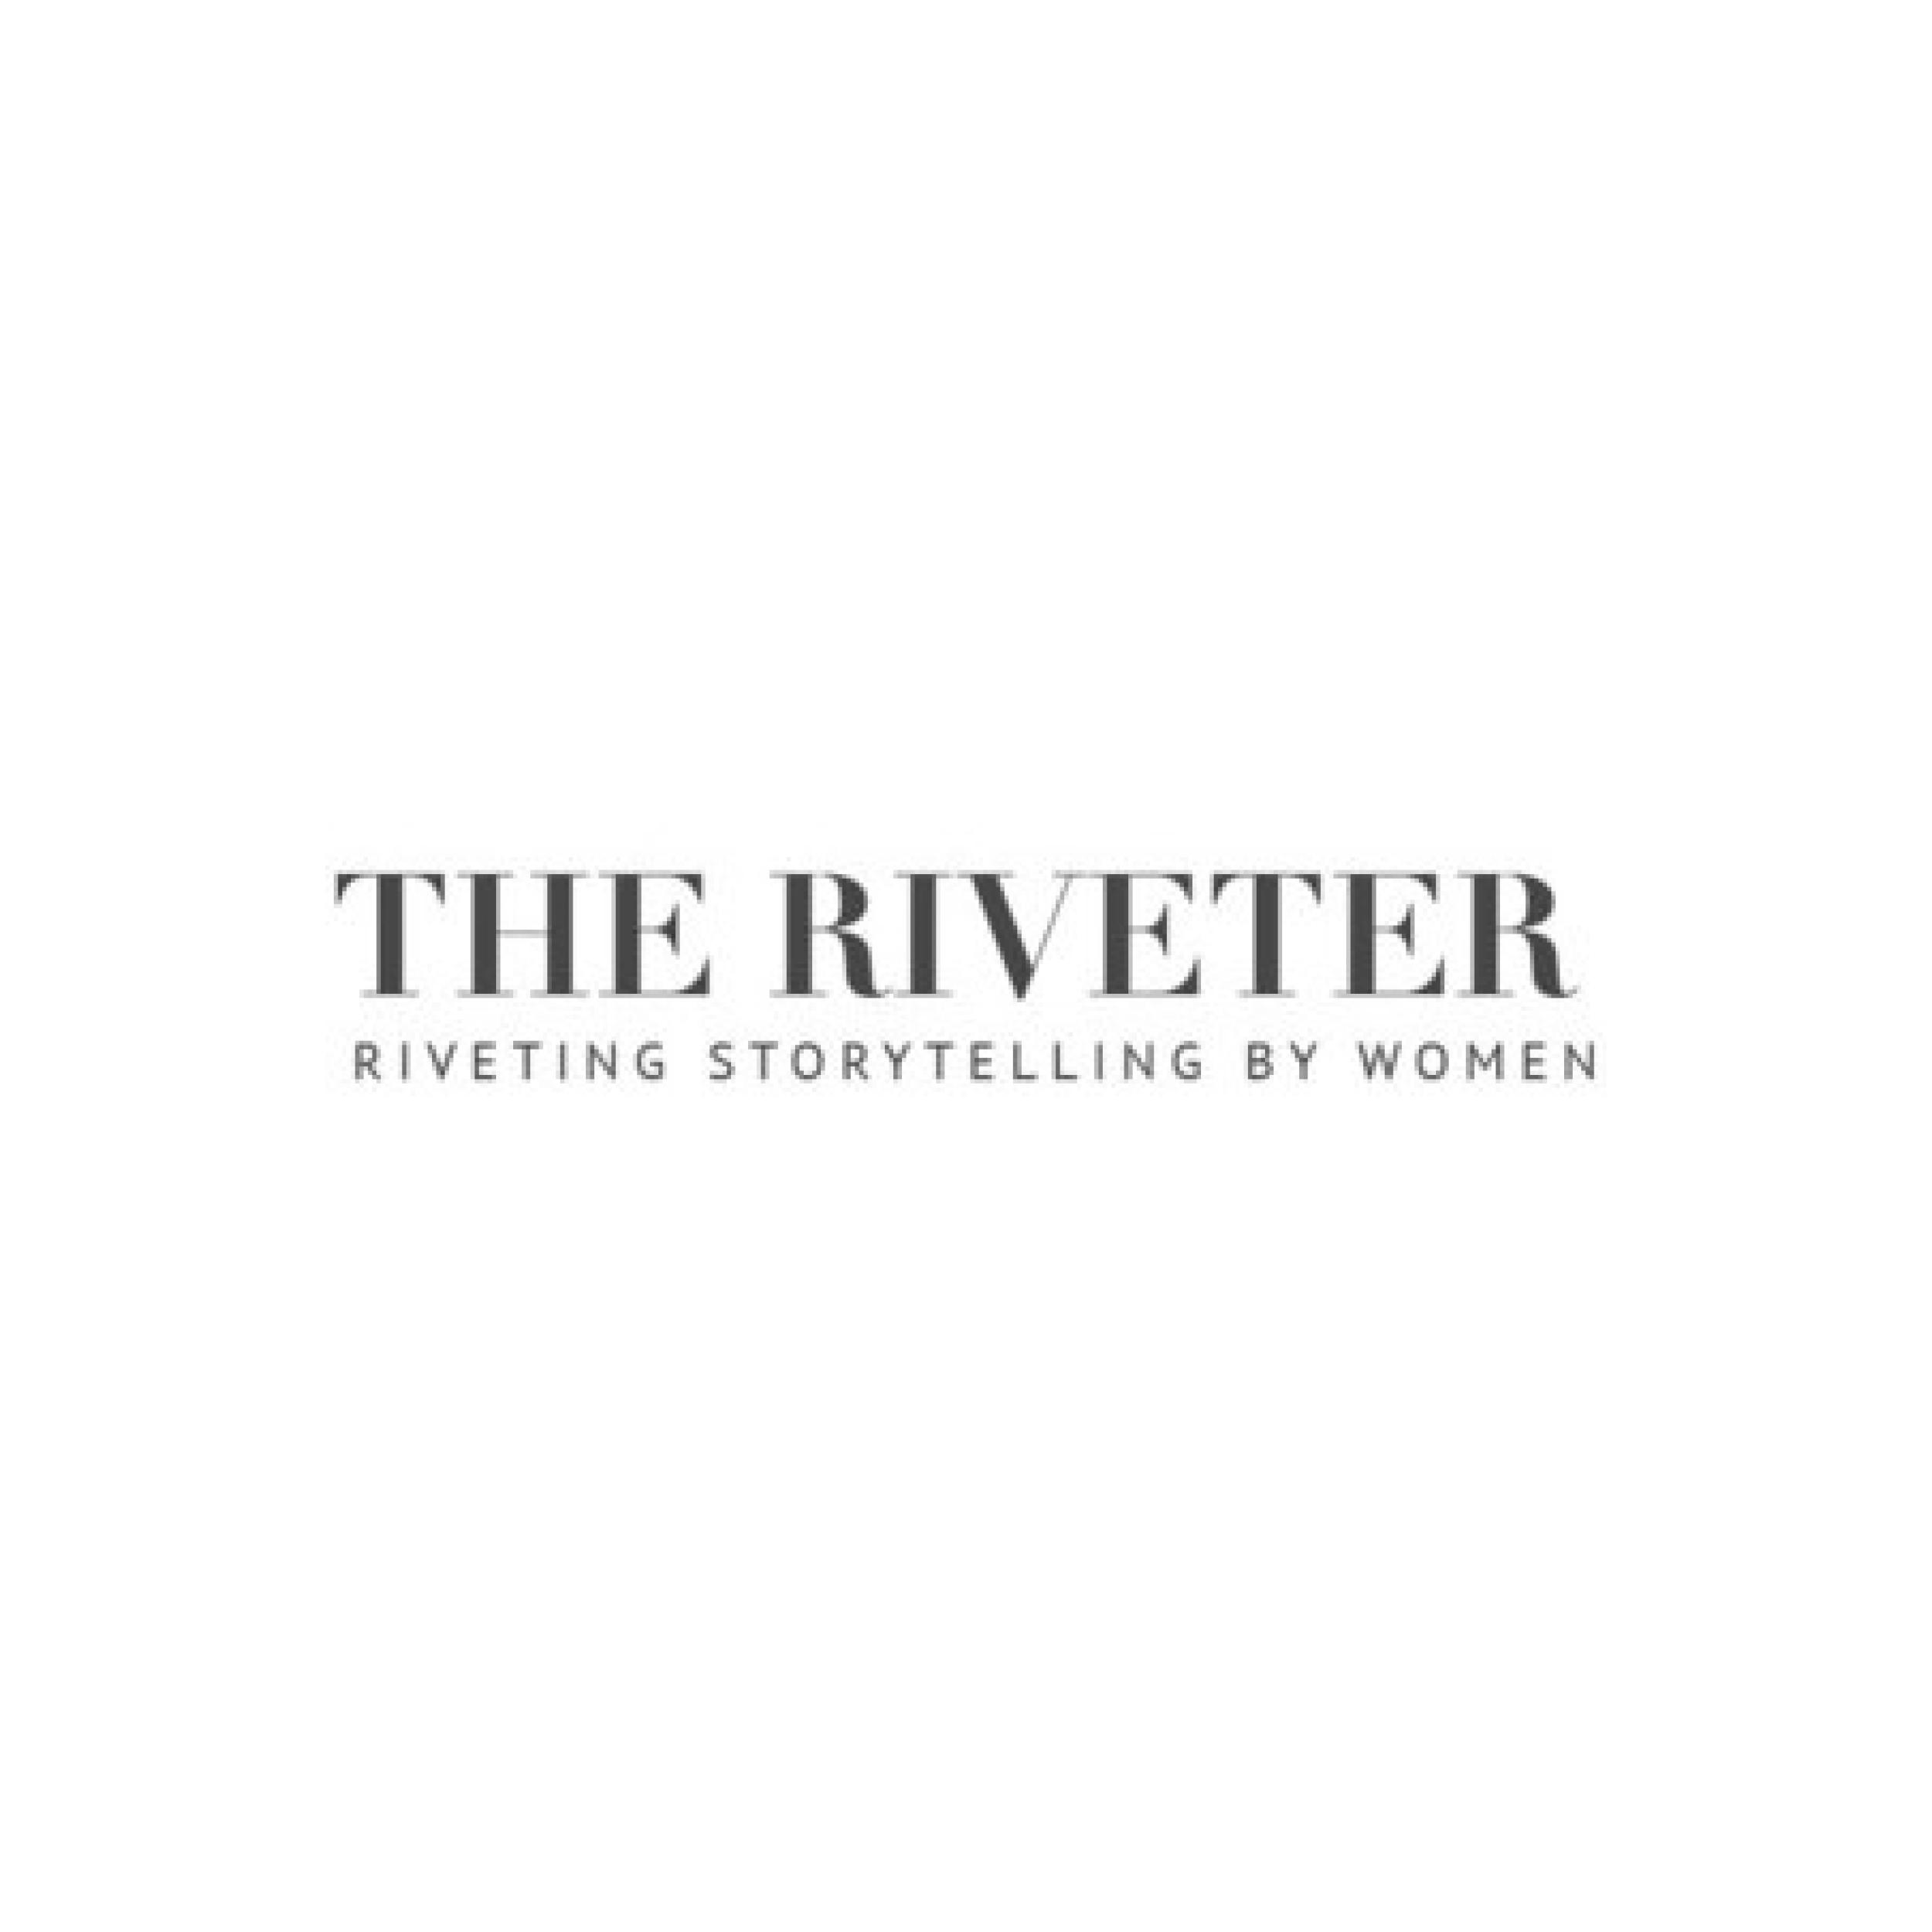 Riveter-covensite.png